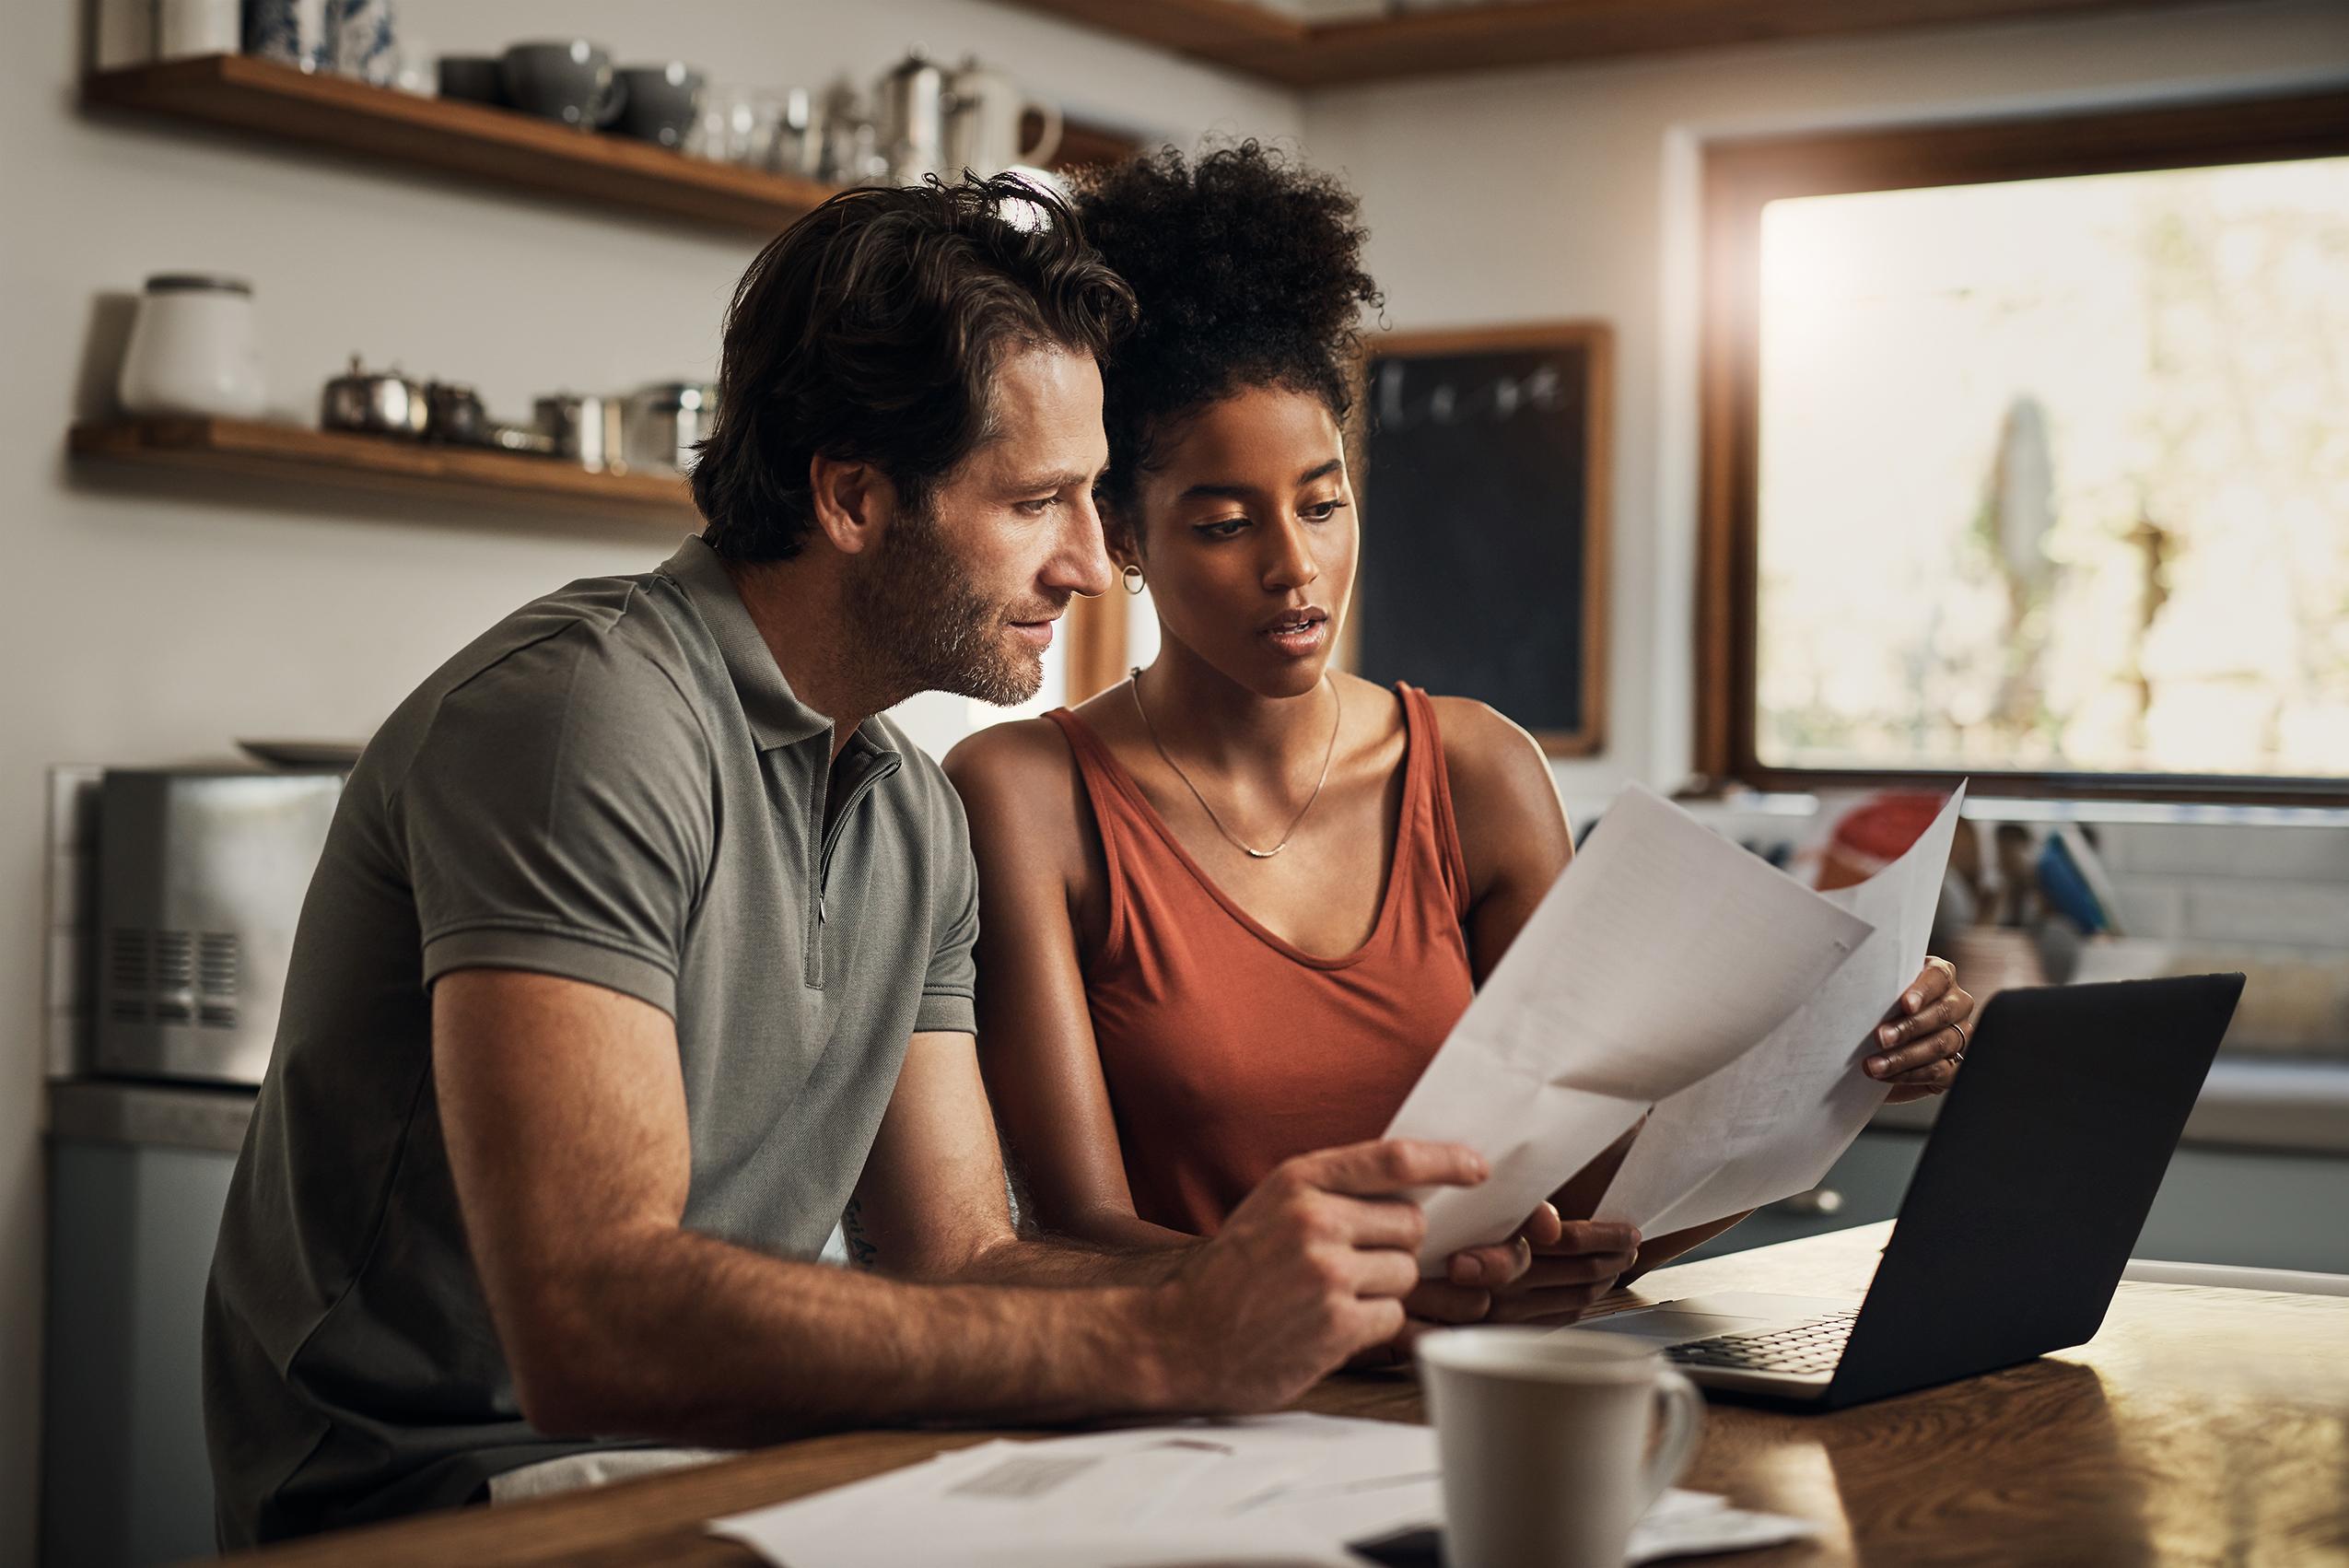 Couple looking at bills at table